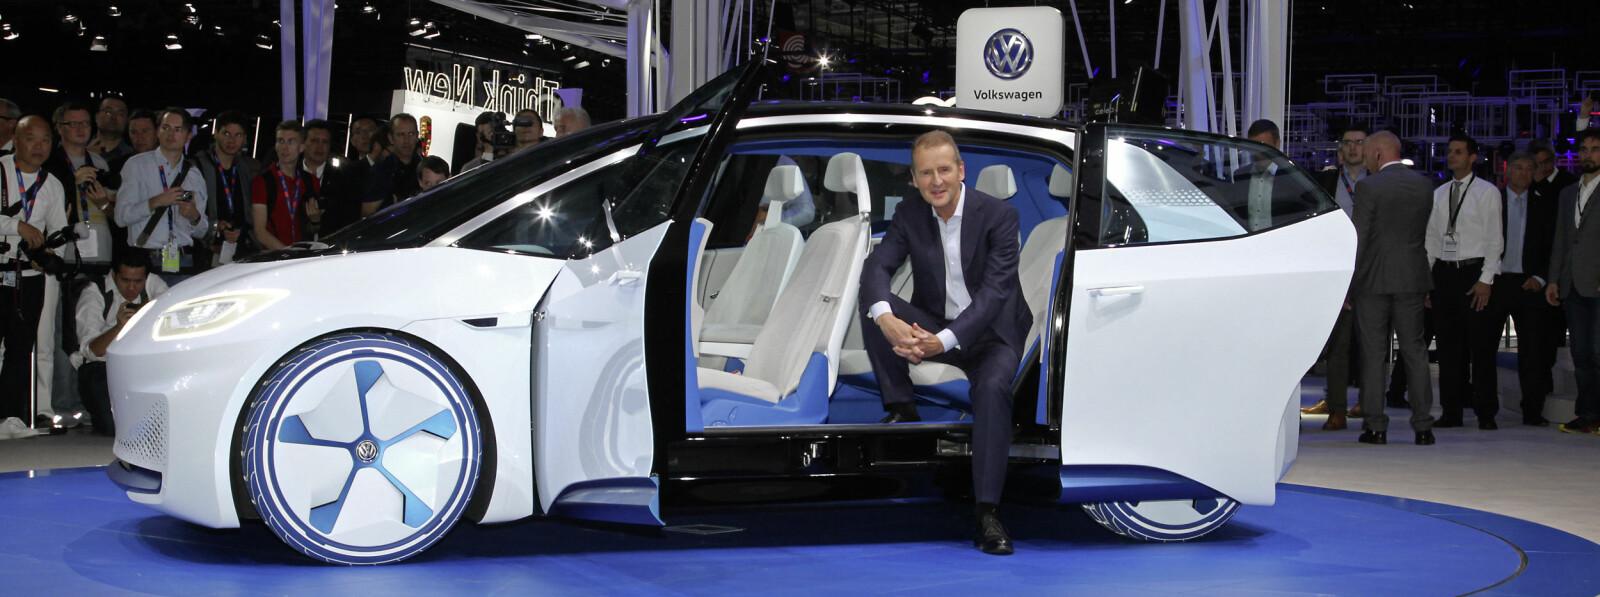 <b>VW ID NEO:</b> Ble avuket på motormessen i Paris i 2016. Merk at Volkswagen ikke selv omtalte bilen som Neo, men bare ID.